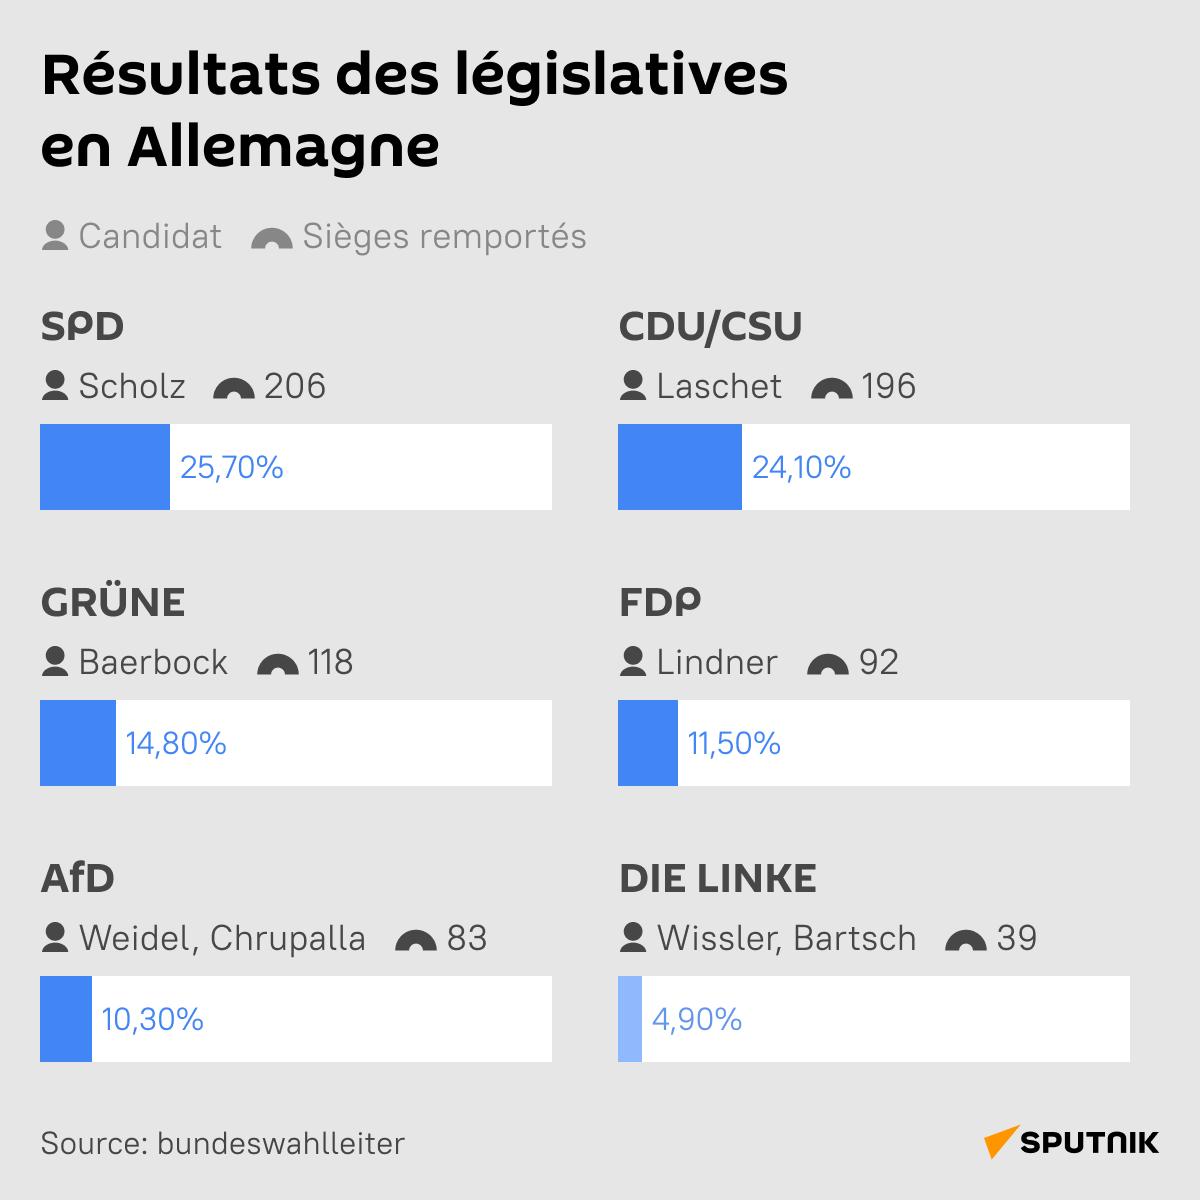 Résultats des législatives en Allemagne - Sputnik France